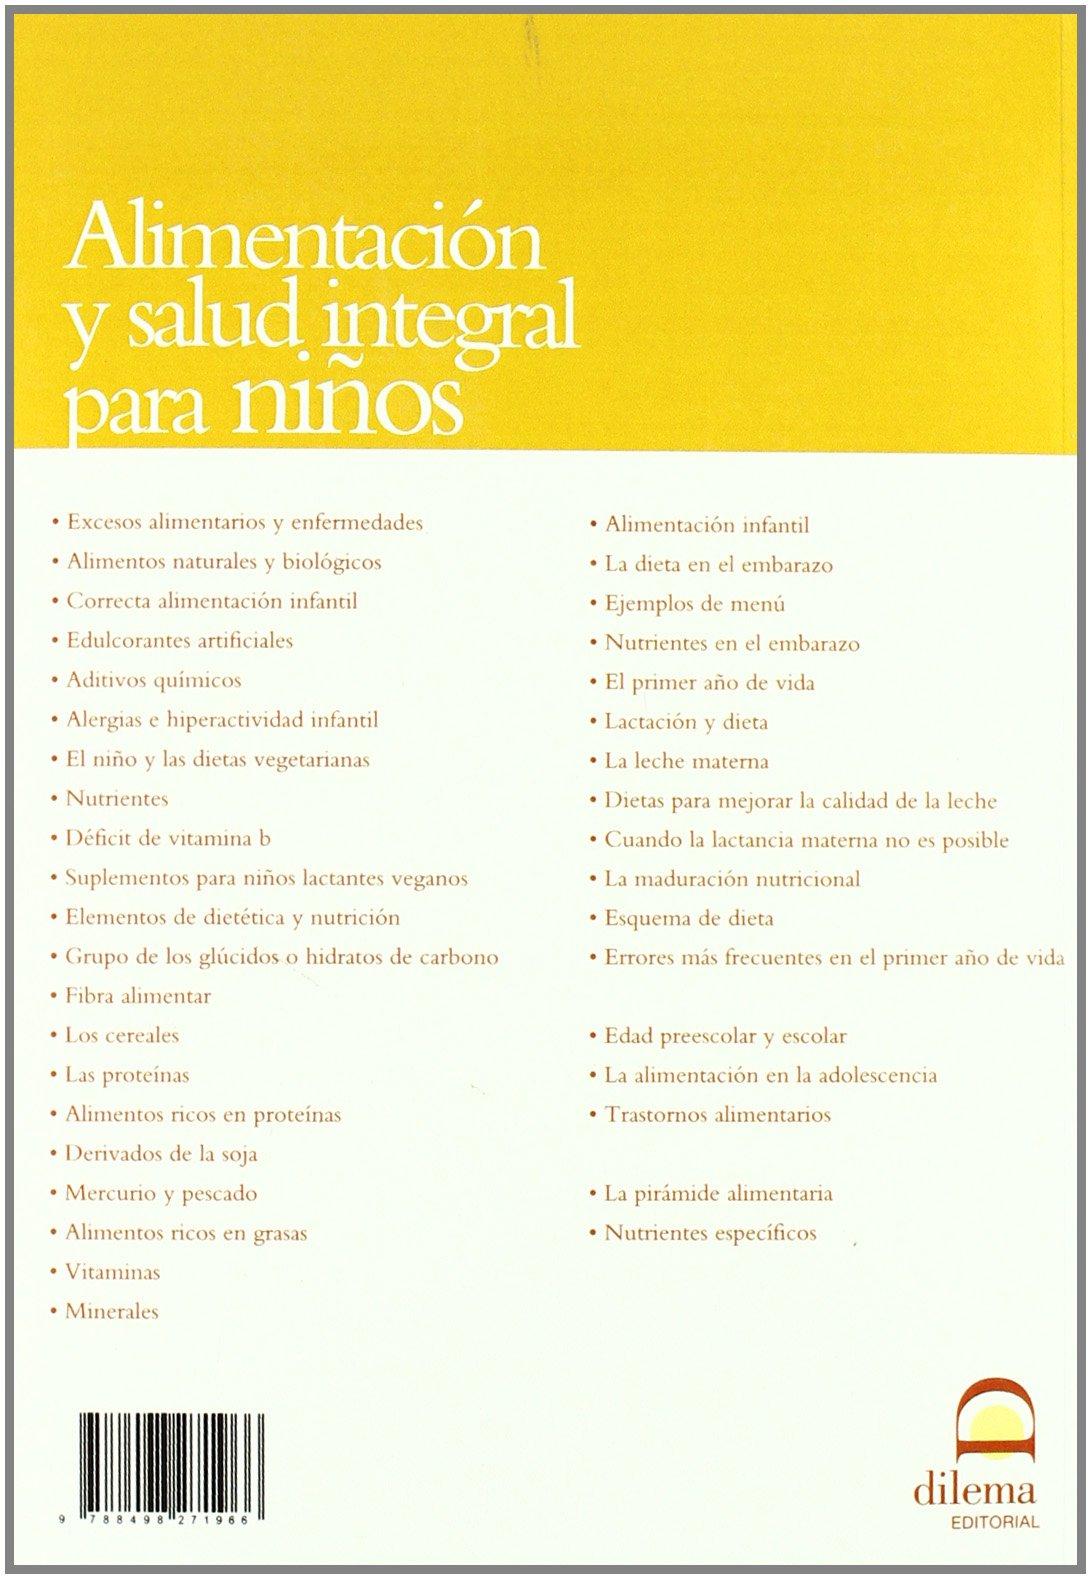 Alimentación y salud integral para niños: Clara Castelloti: 9788498271966: Amazon.com: Books